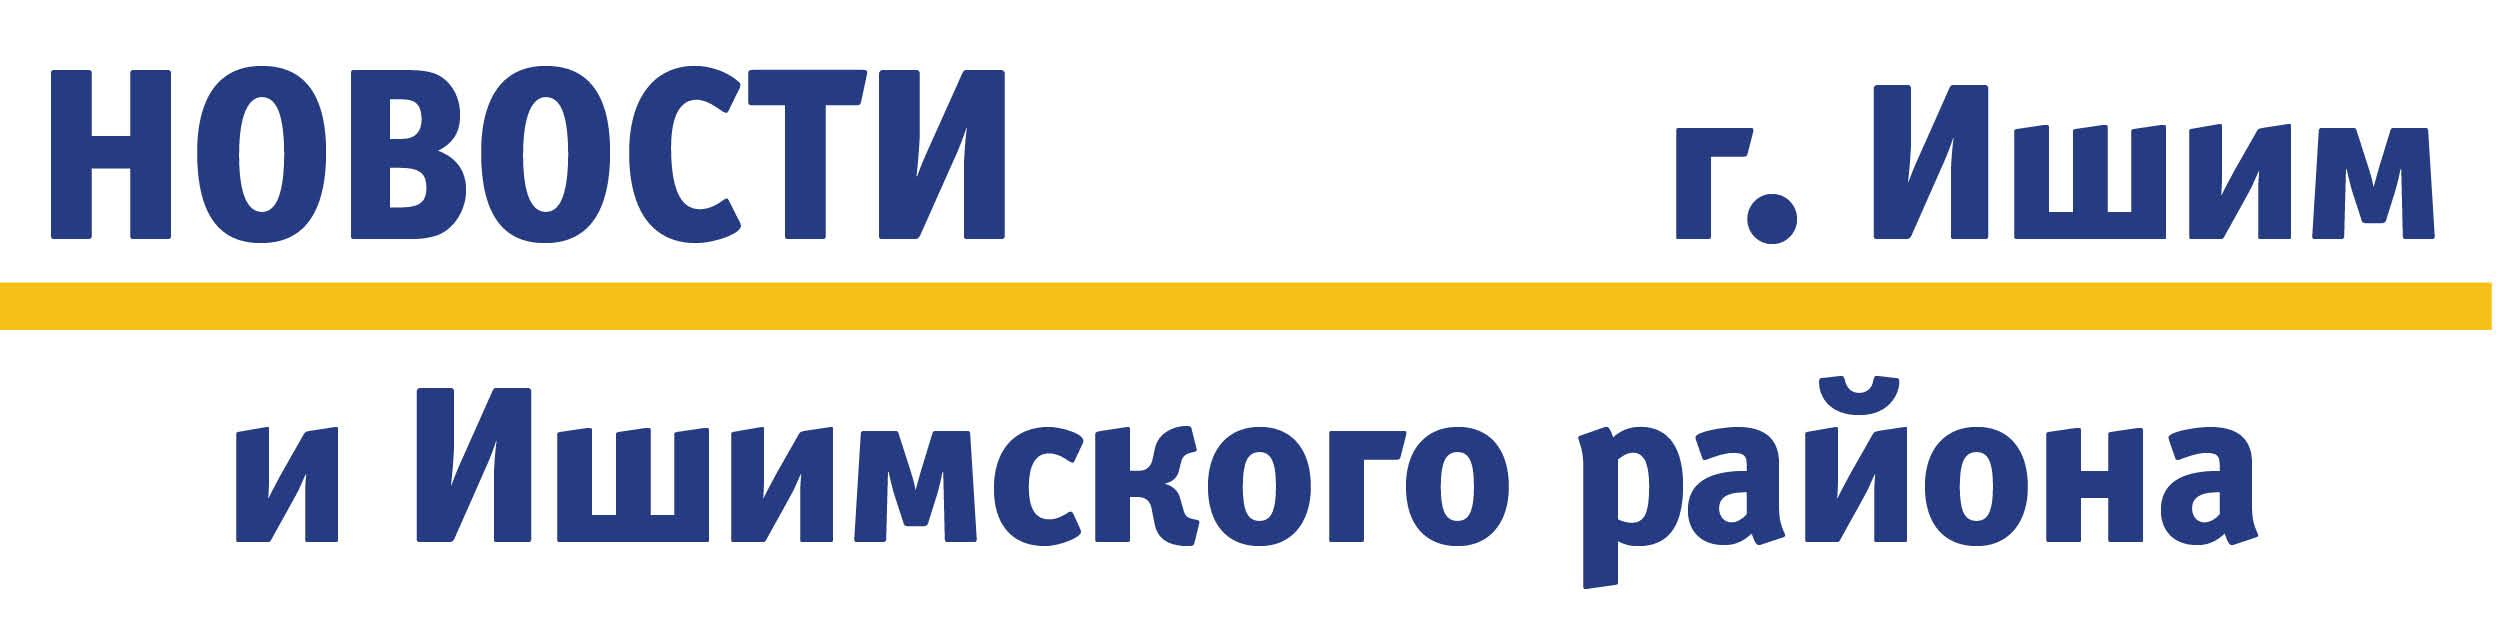 Подать объявление ульяновске газету сушеные овощи доска объявлений